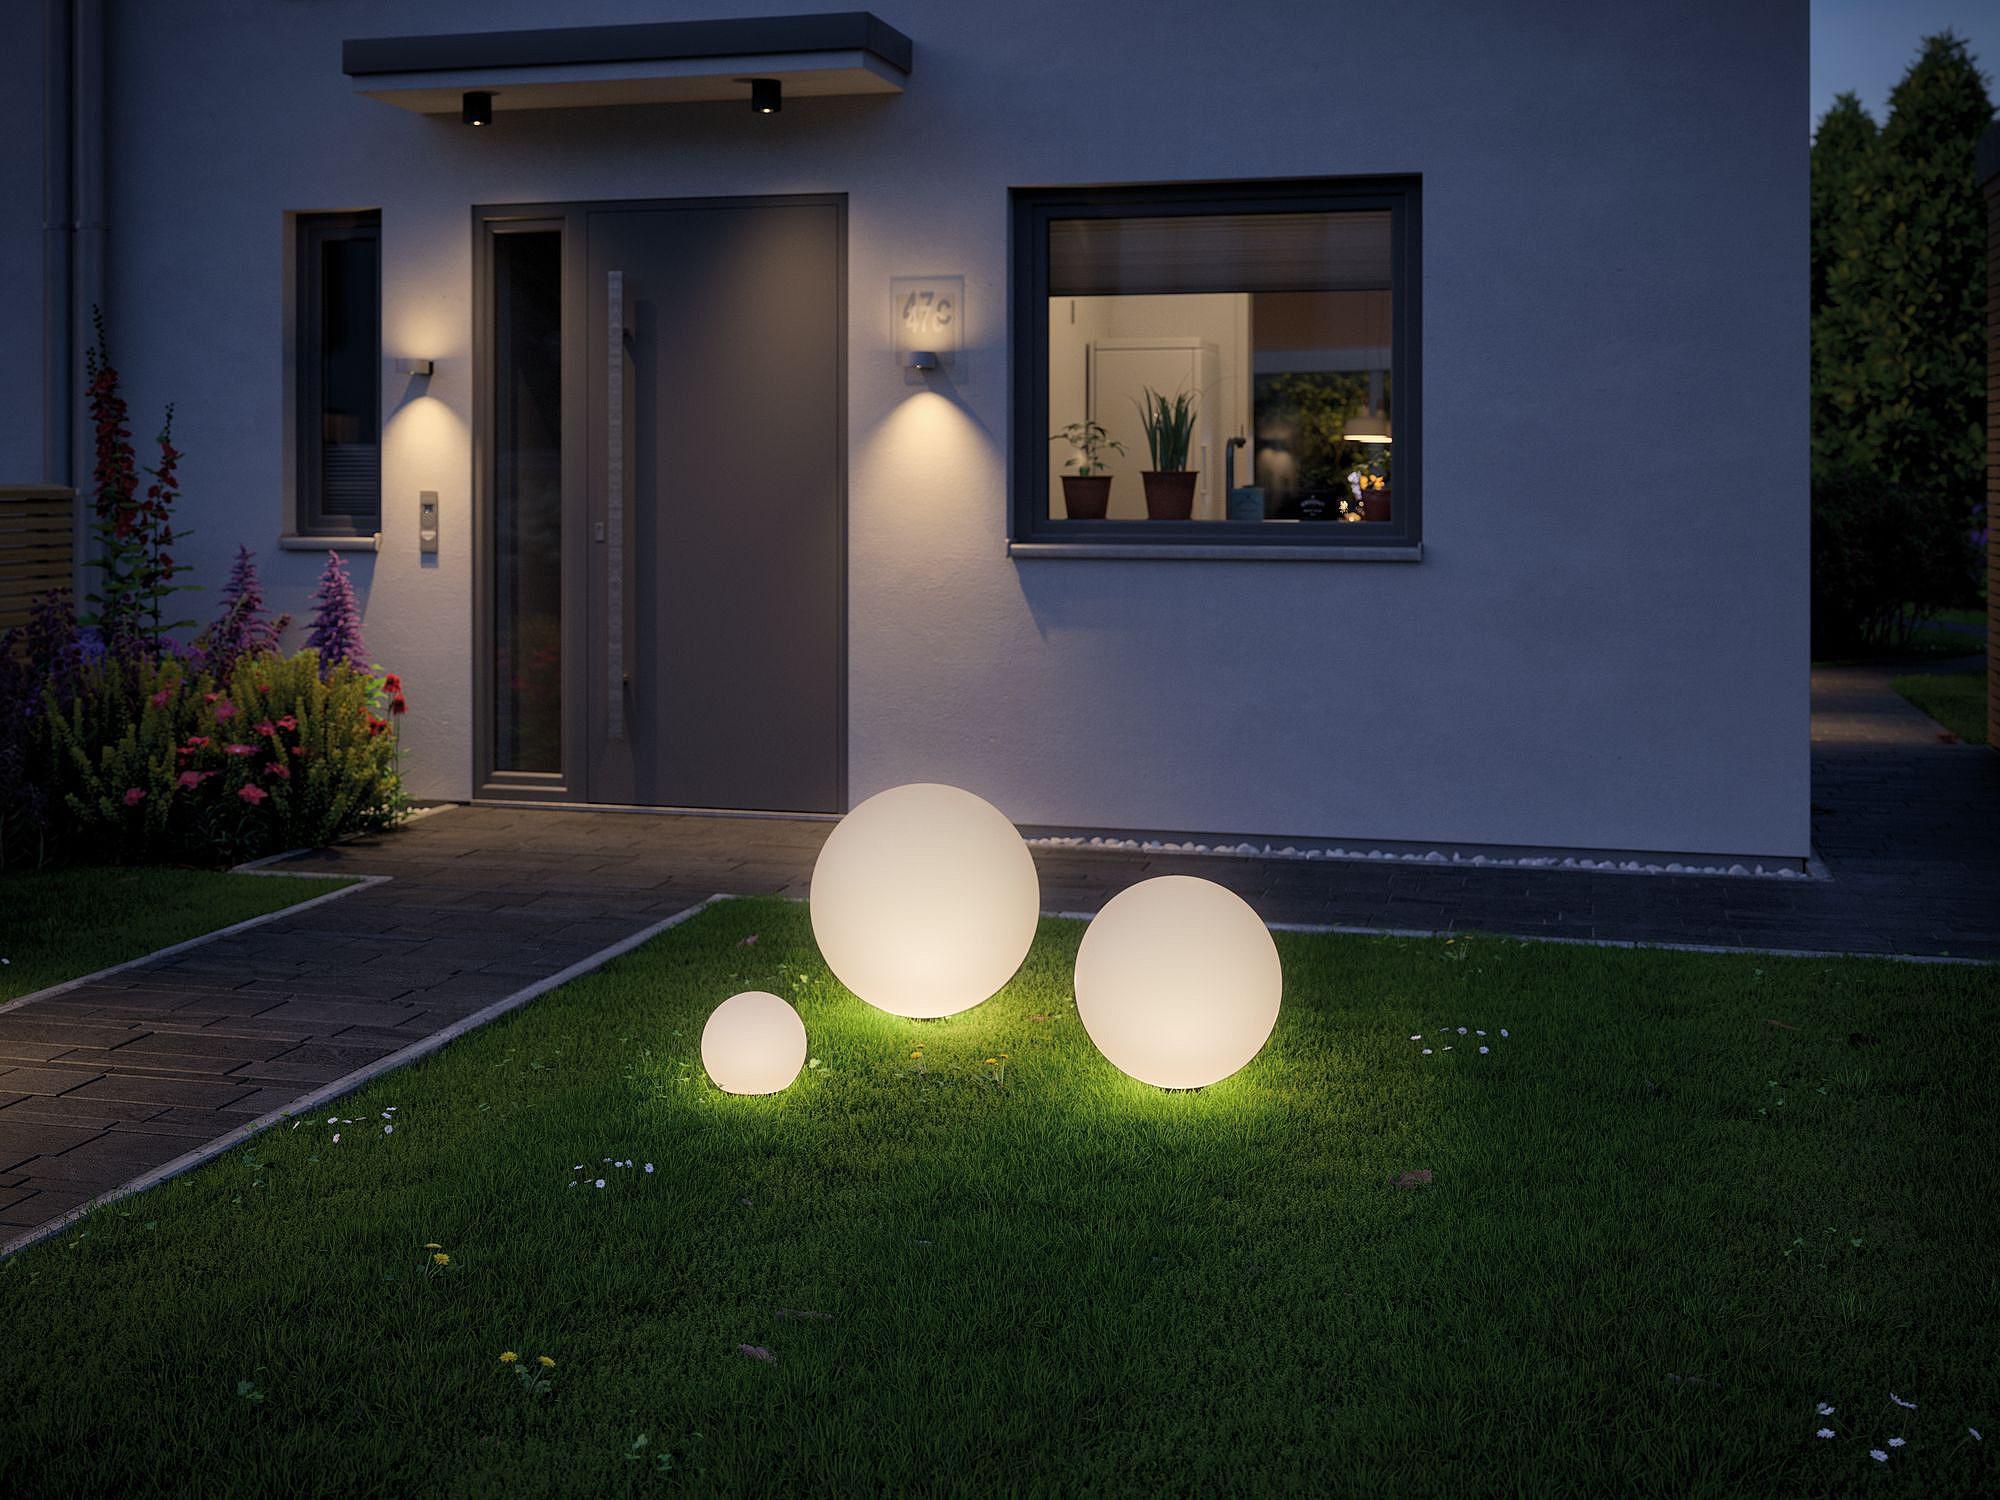 Делаем уличное освещение для загородного дома своими руками